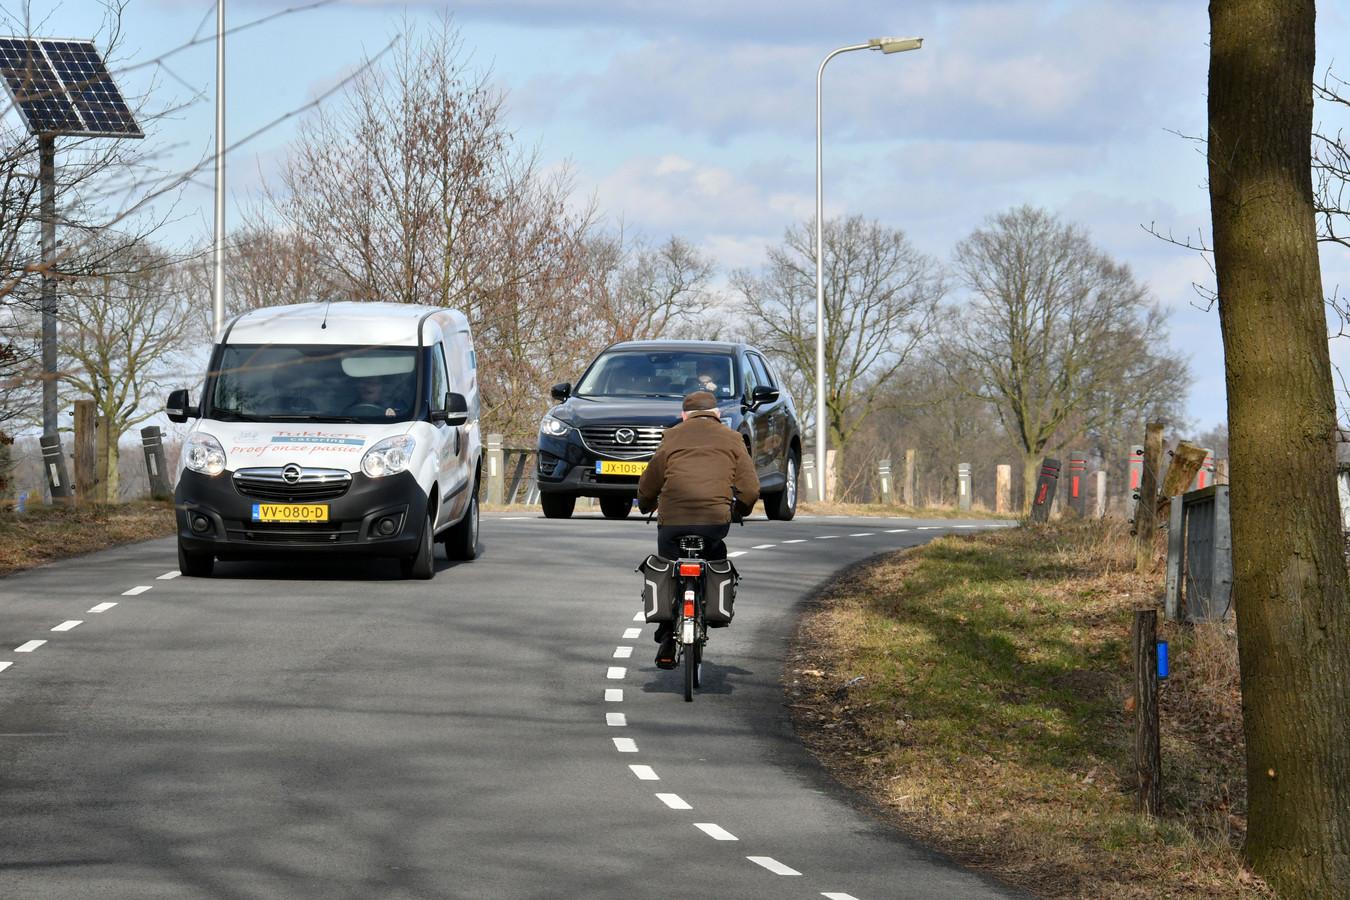 Over de aanleg van een vrijliggend fietspad langs de Ypeloweg bij Enter wordt al 25 jaar gepraat.